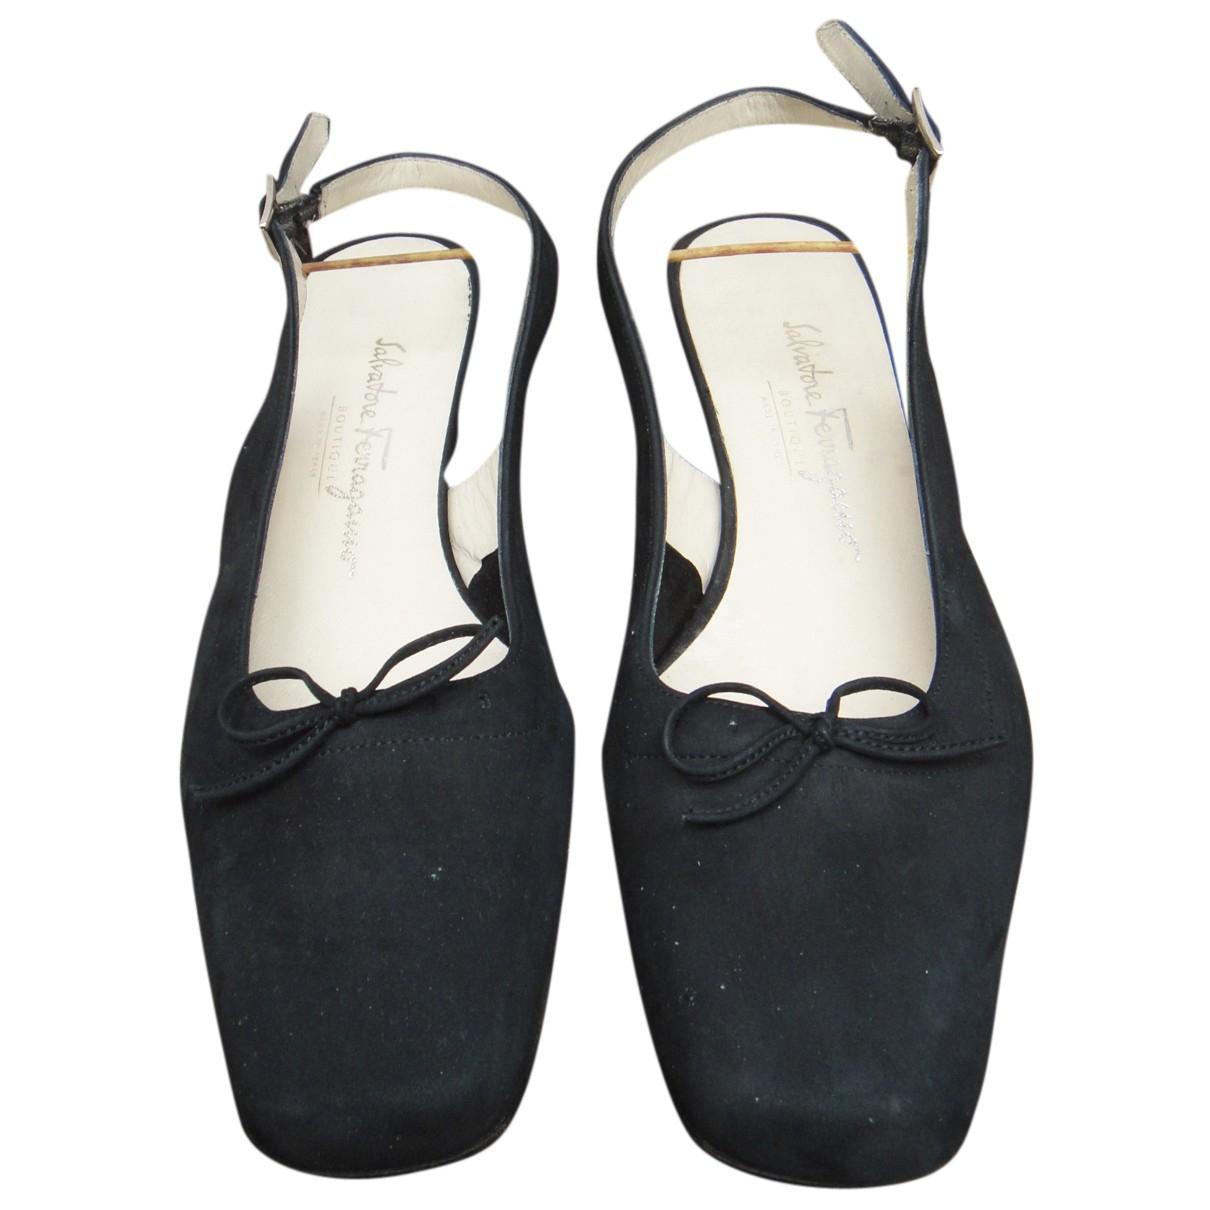 Salvatore Ferragamo N Black Suede Heels for Women 7 US